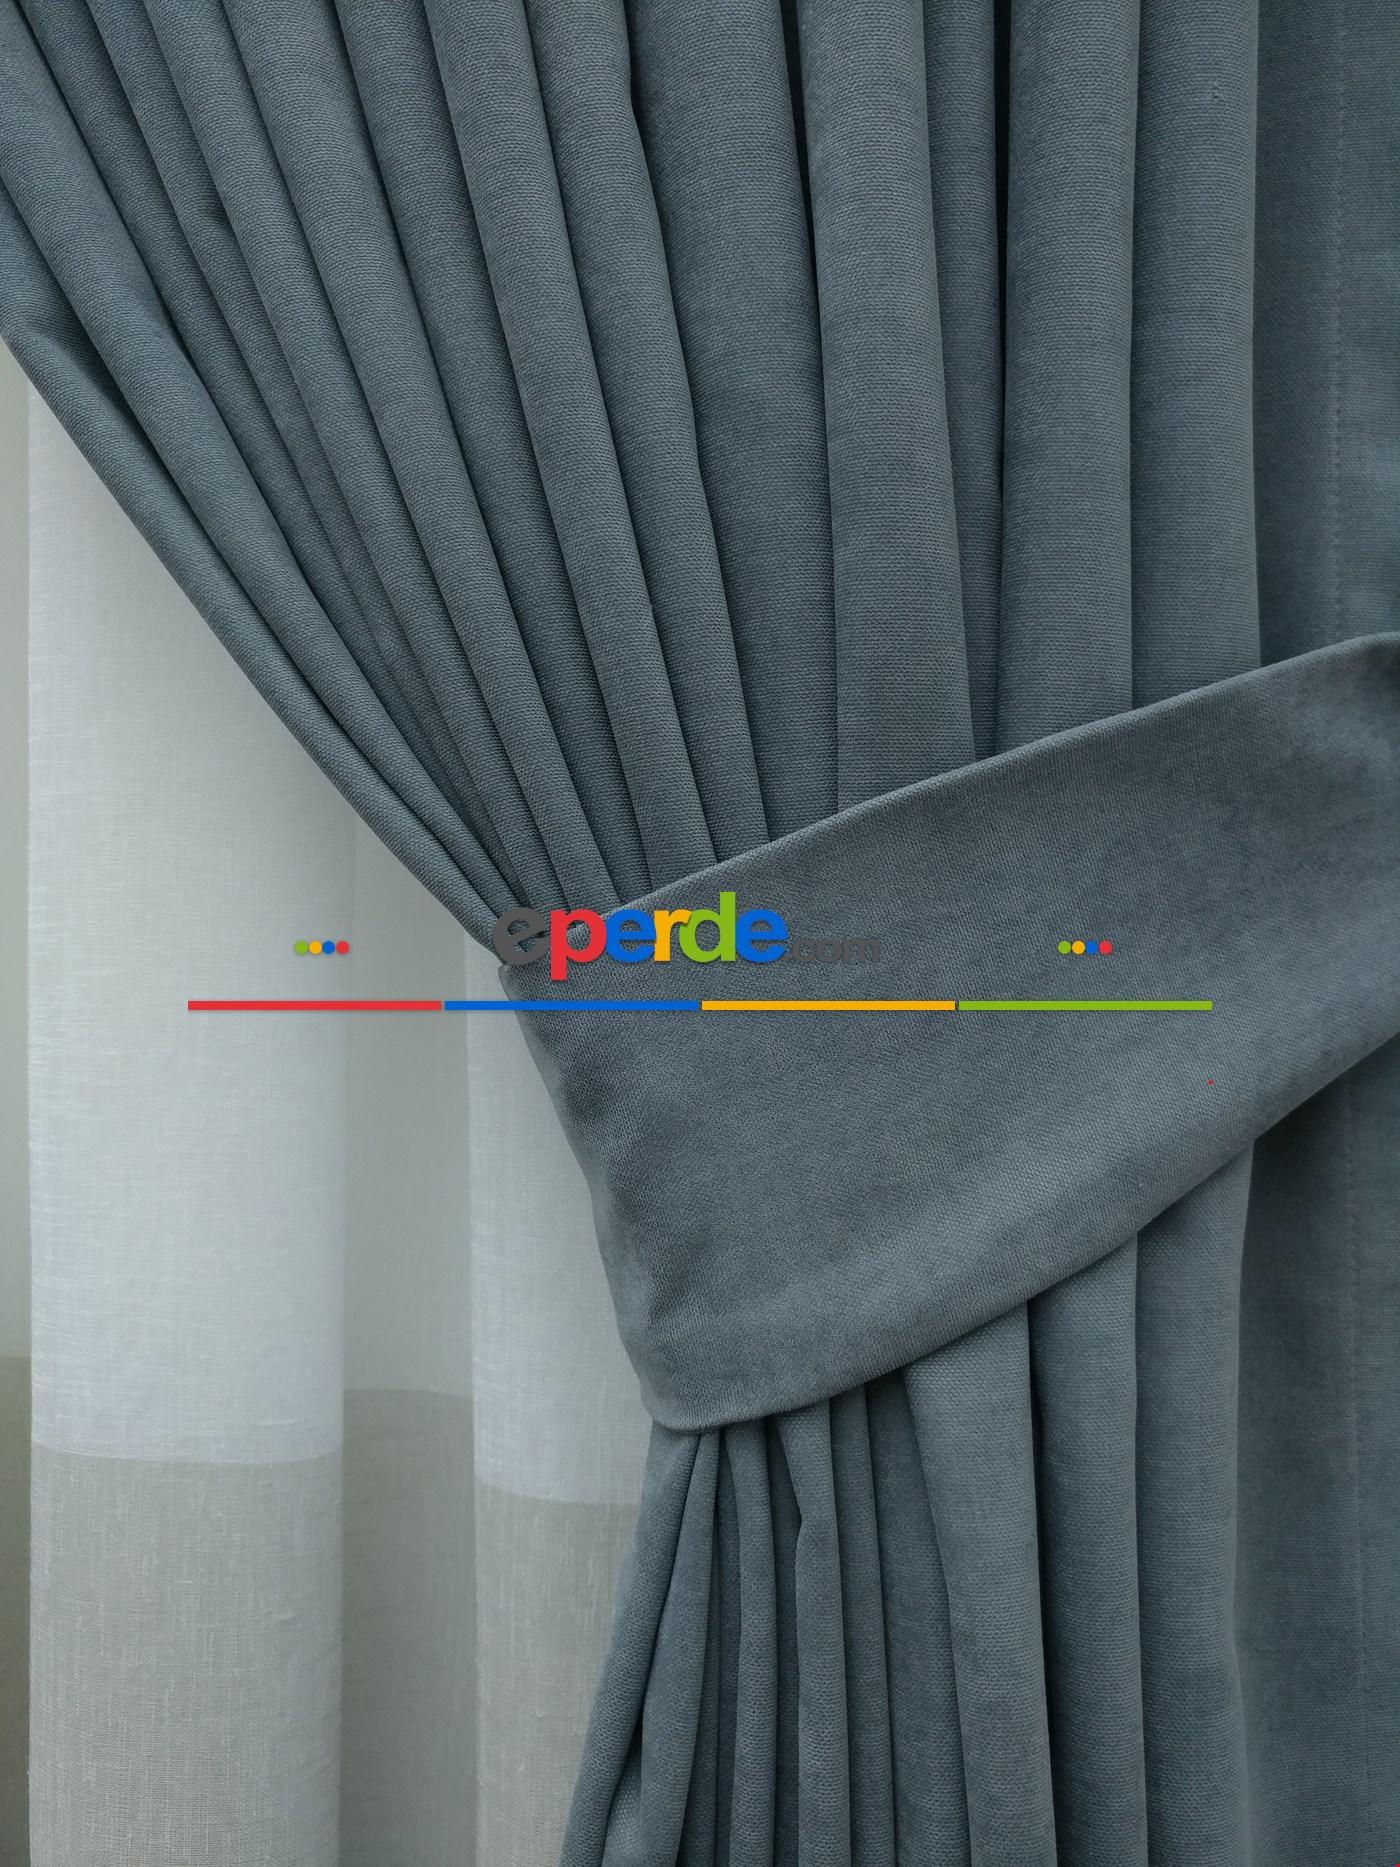 Sarı - Düz Fon Perde (150cm En Dökümlü Fon) Mavi